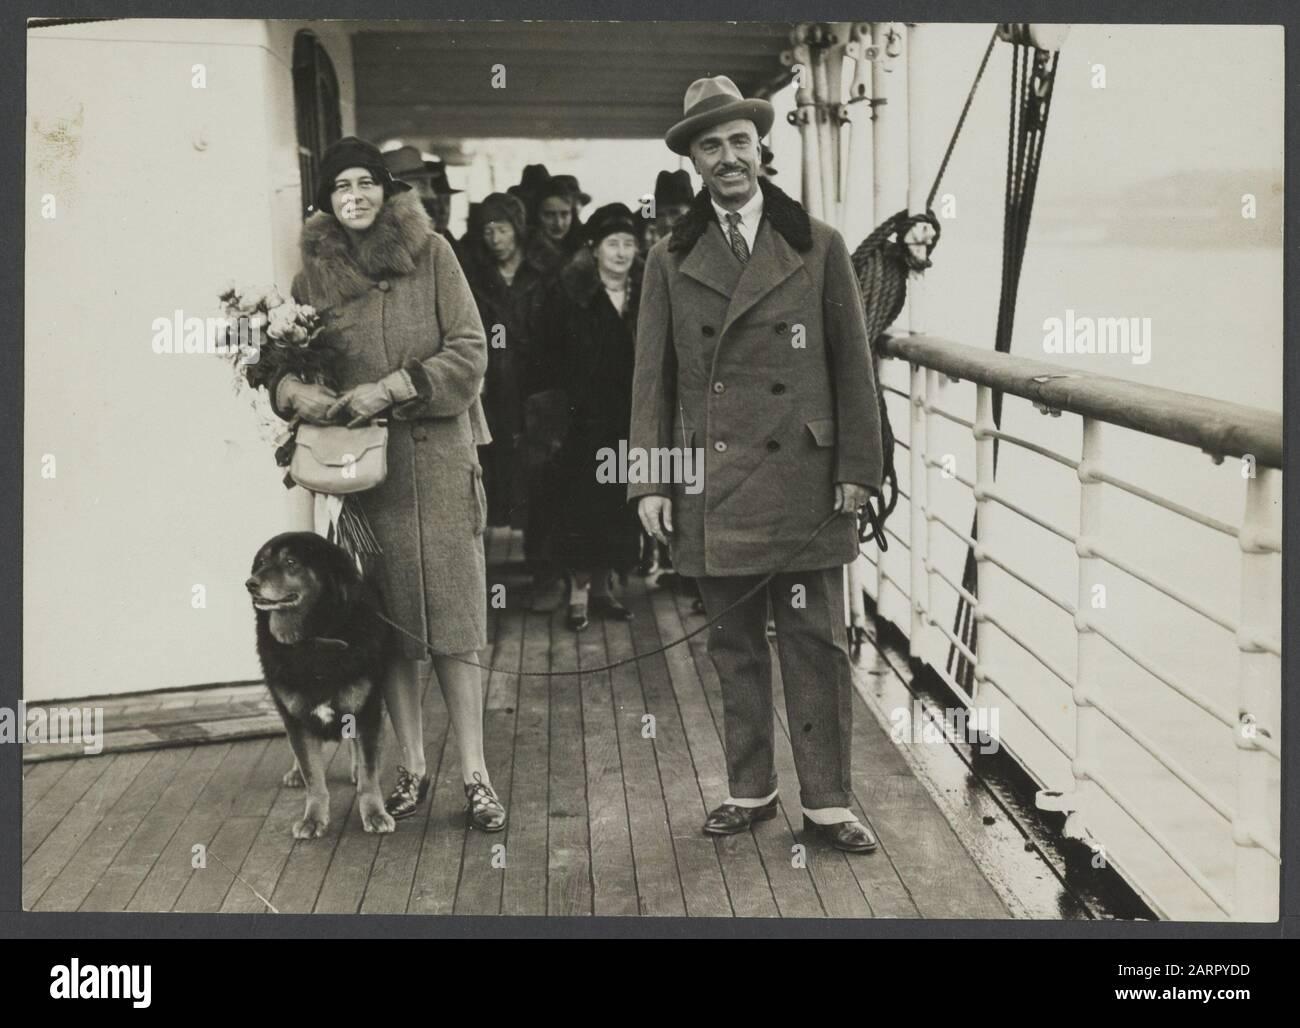 Pays-Bas le couple Fisherman - Hooft à leur retour aux Pays-Bas après la deuxième expédition Karakorum avec le chien Patiala Date: 1926/01/01 lieu: Pays-Bas mots clés: Chiens Nom personnel: Pêcheur, Ph.C., visser-Hooft, J. Banque D'Images